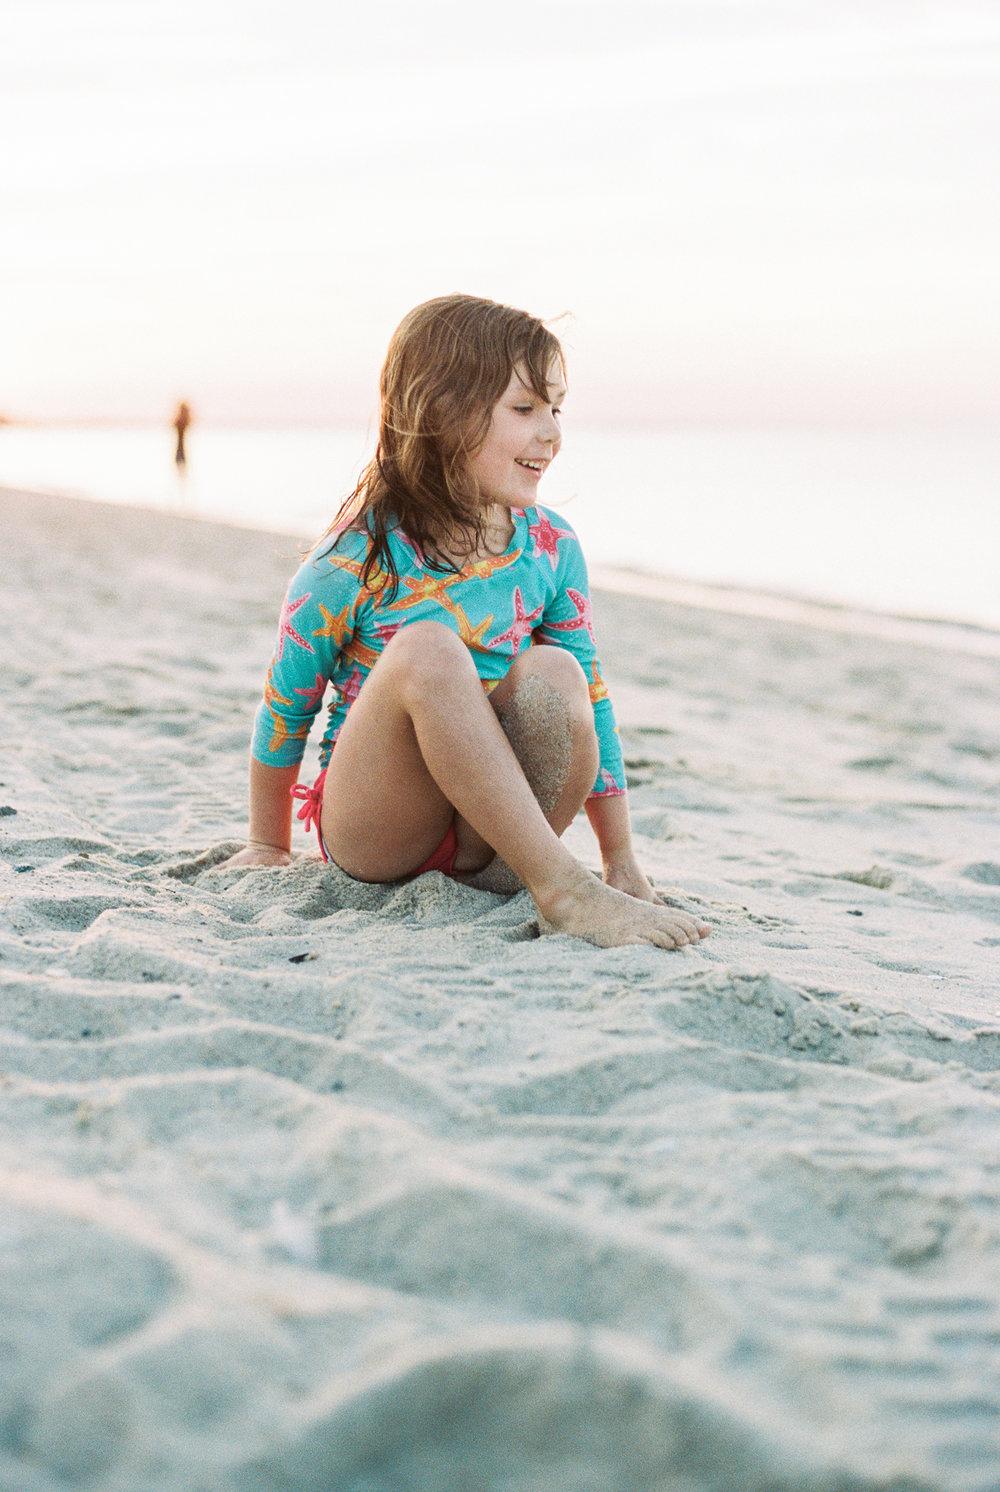 Maryland-Delaware-Beach-Lifestyle-Photographer-Lewes-Photos-By-Breanna-Kuhlmann-7.jpg